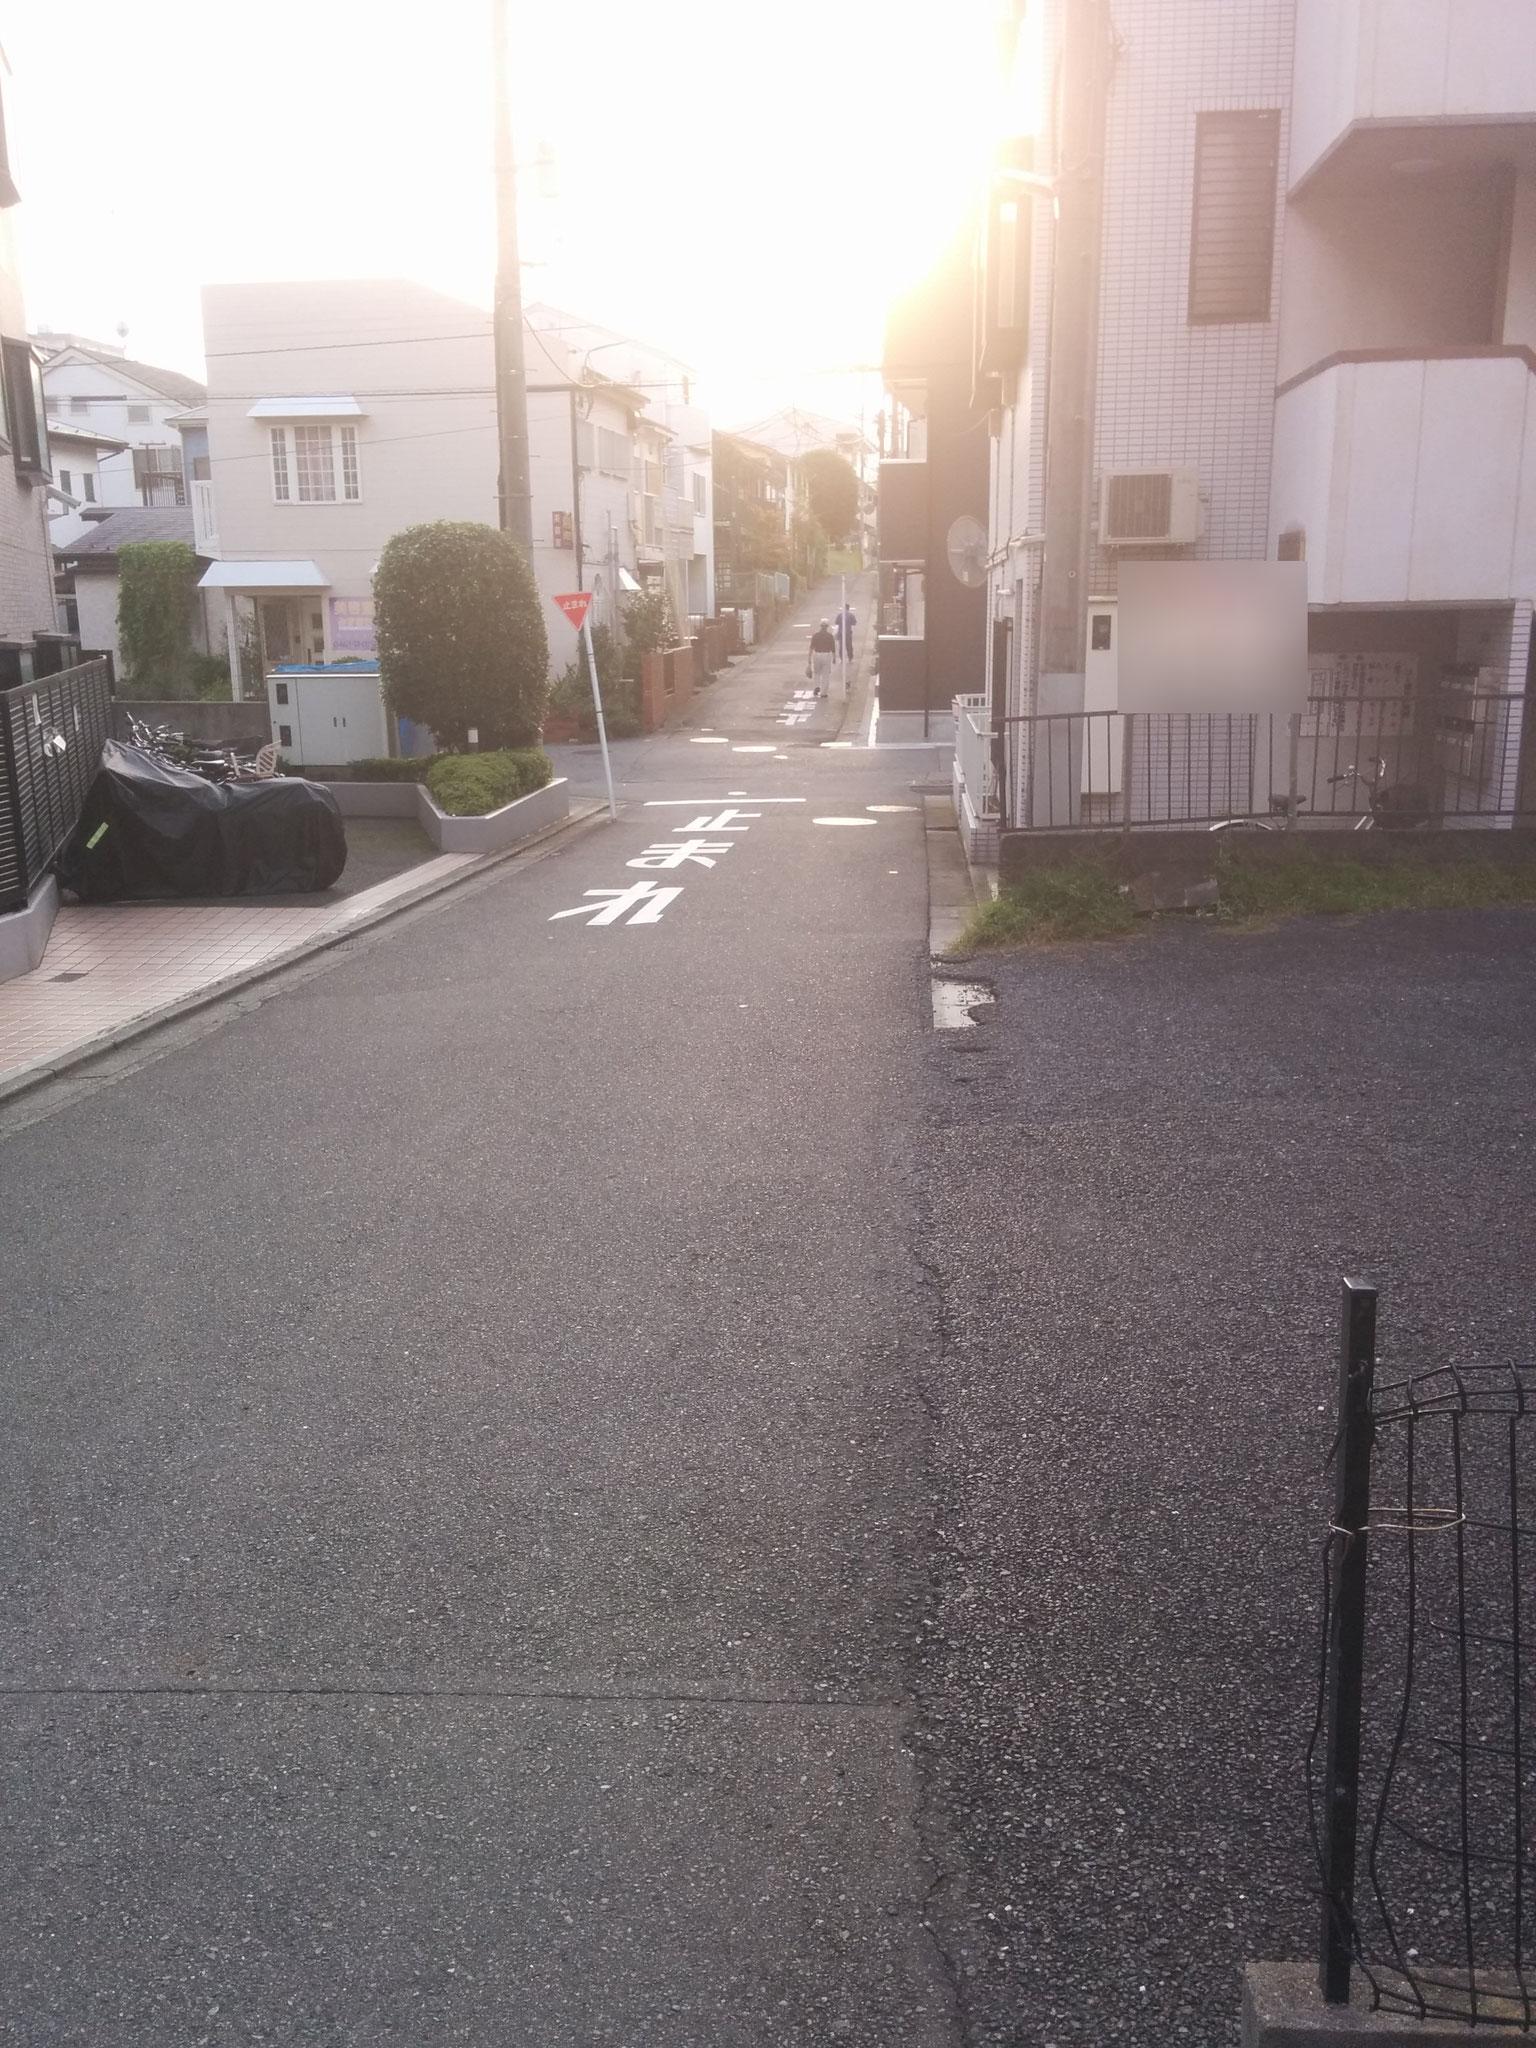 6 street